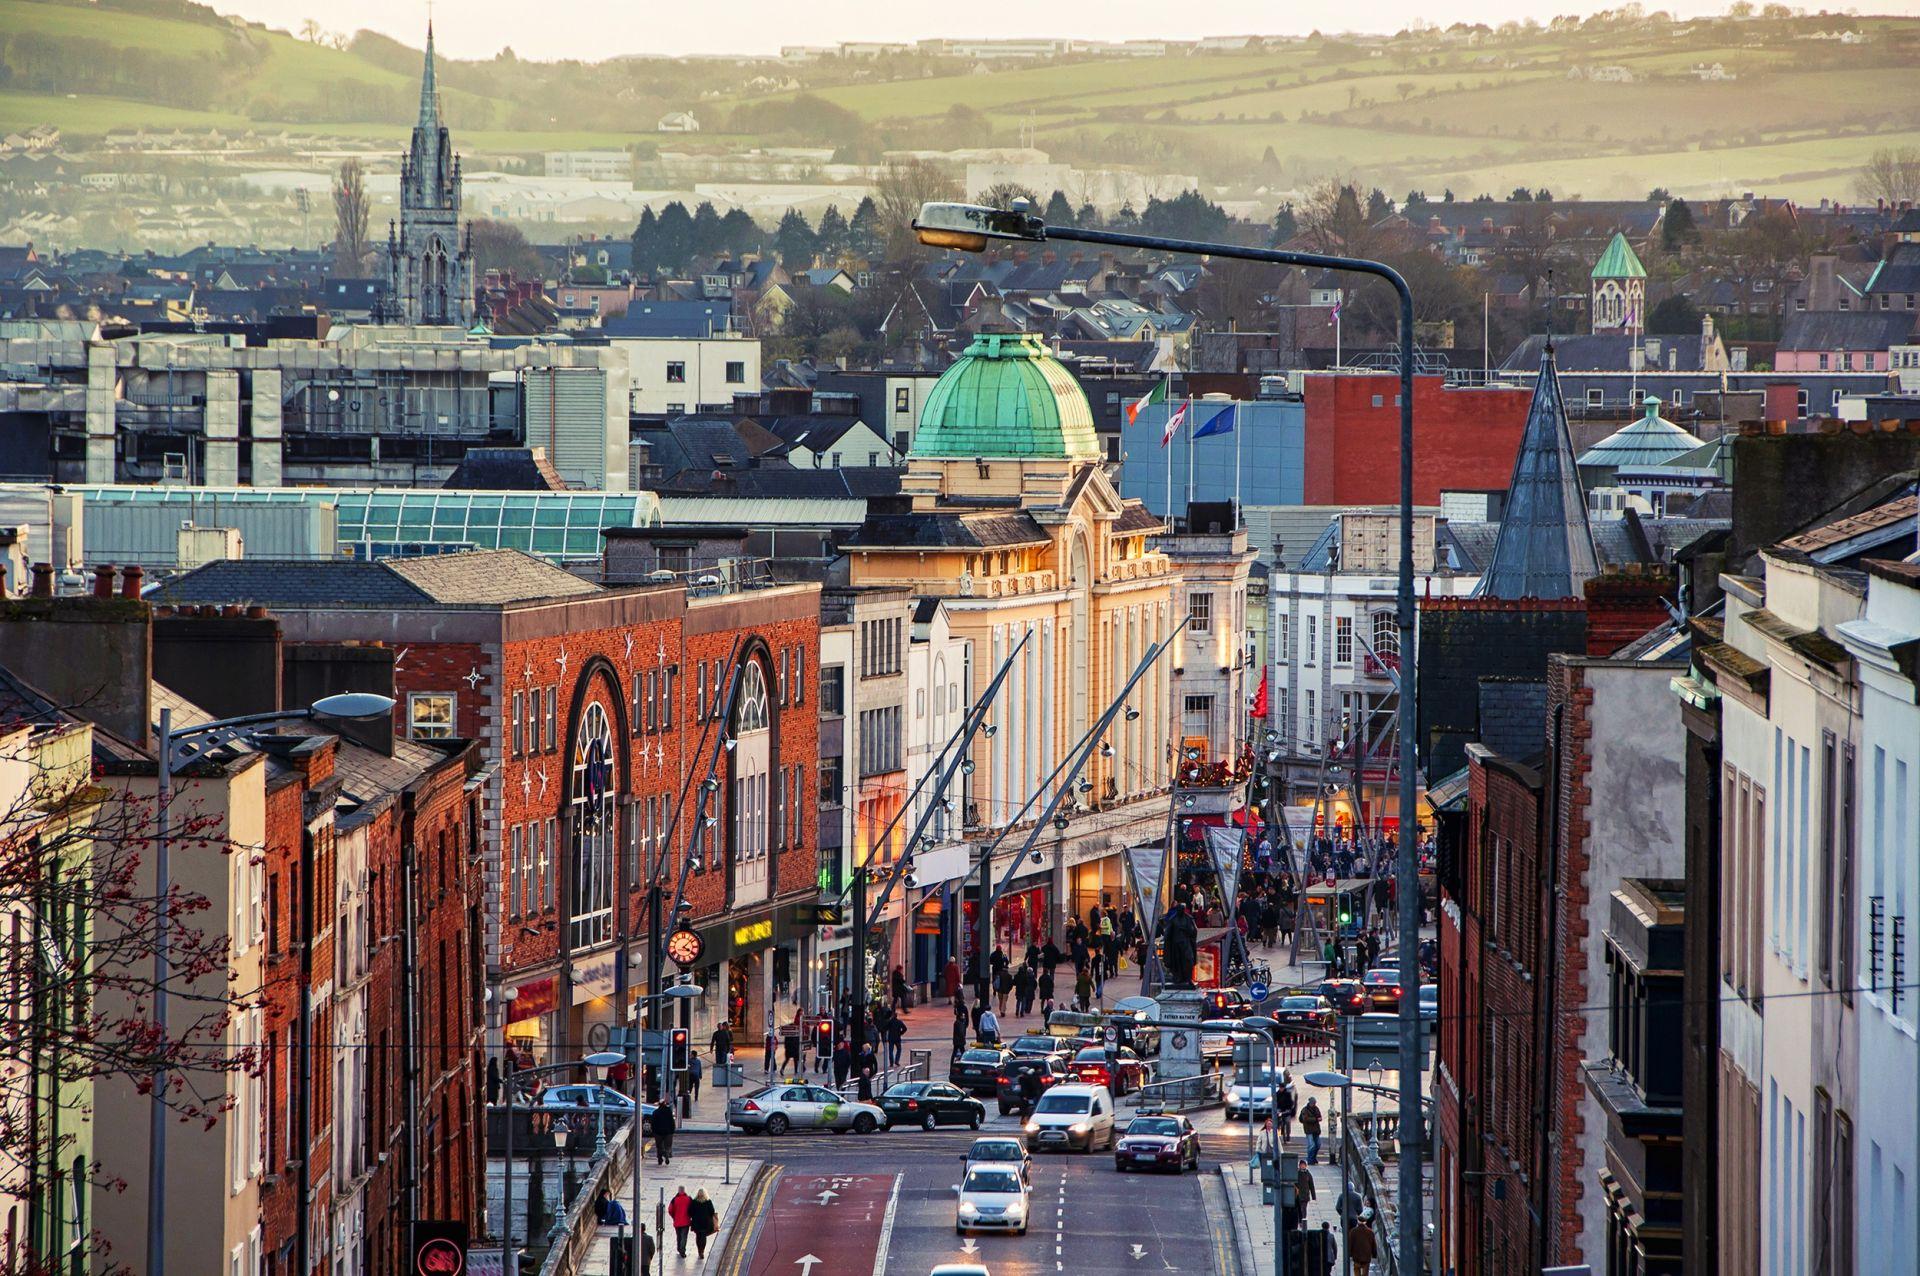 5. Ирландия е с население  4 730 824. Страната има развита и модерна икономика, фокусирана главно върху сферата на услугите и високите технологии